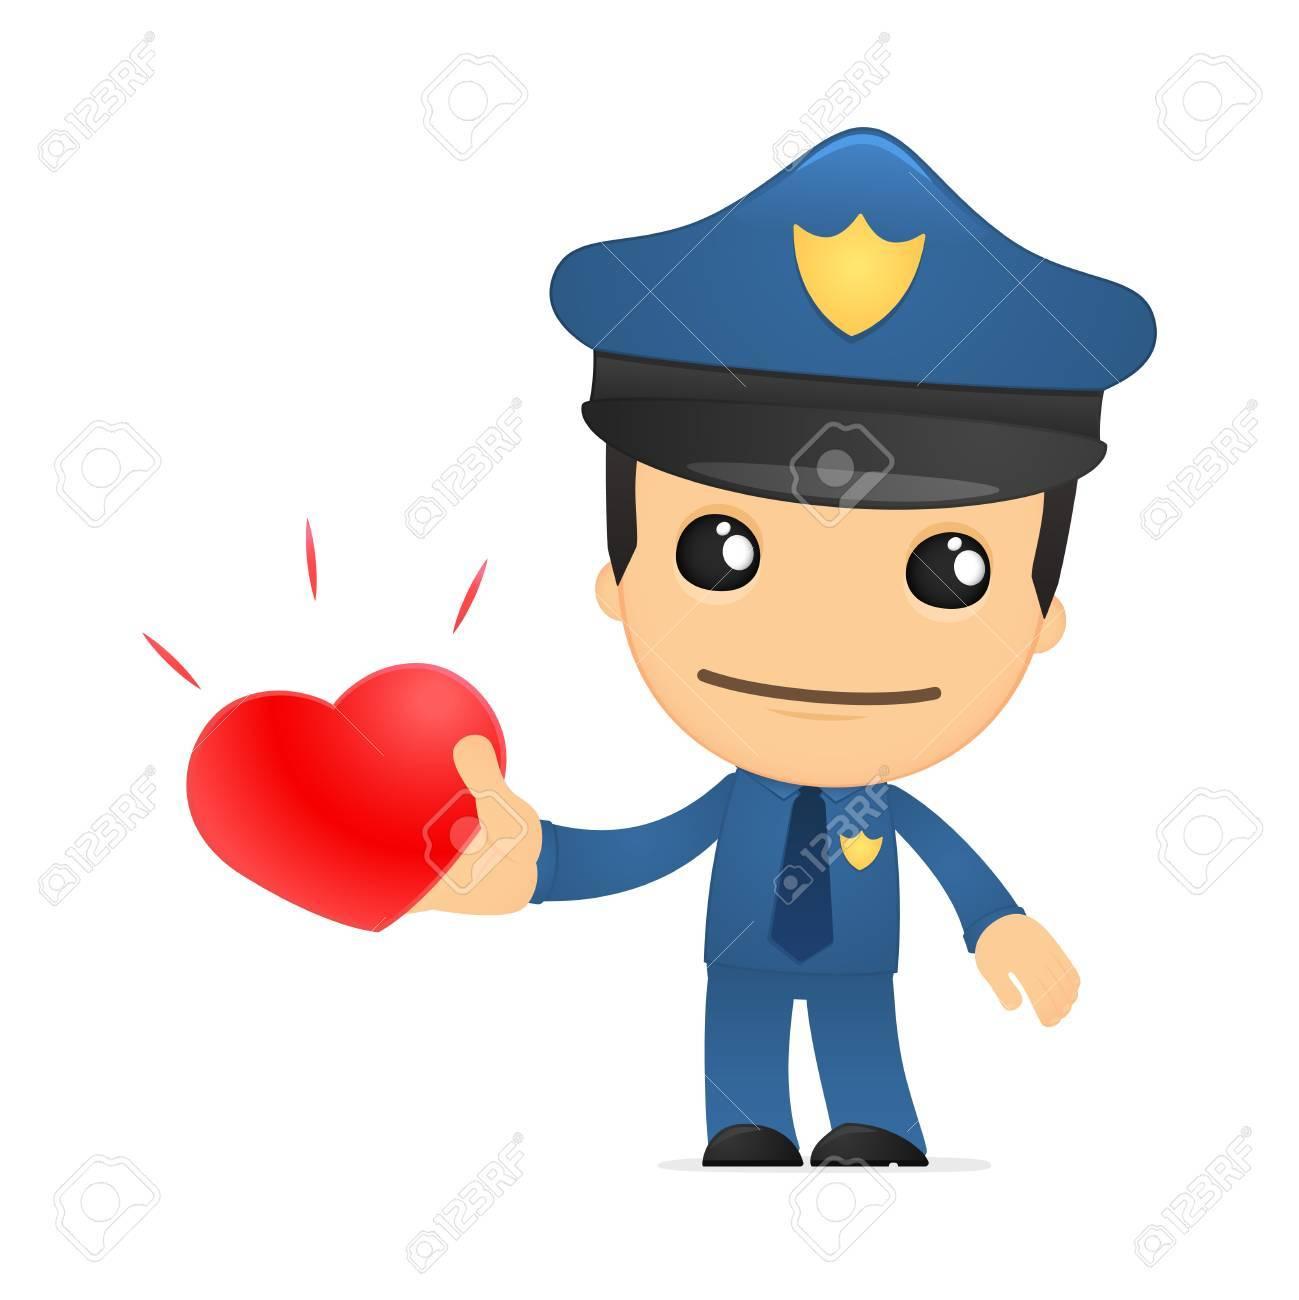 funny cartoon policeman Stock Vector - 13889916